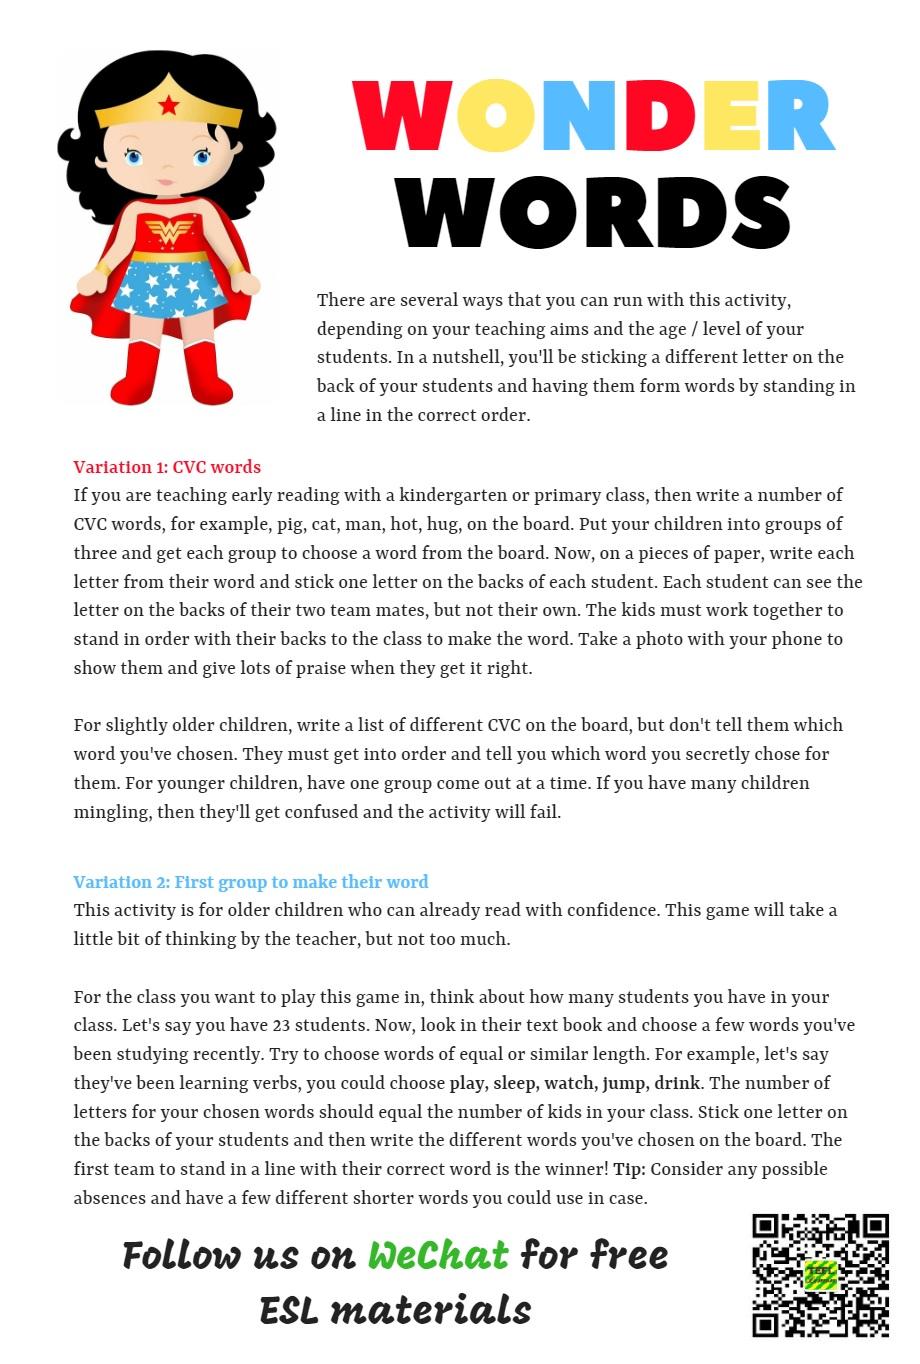 Wonder Words page.jpg